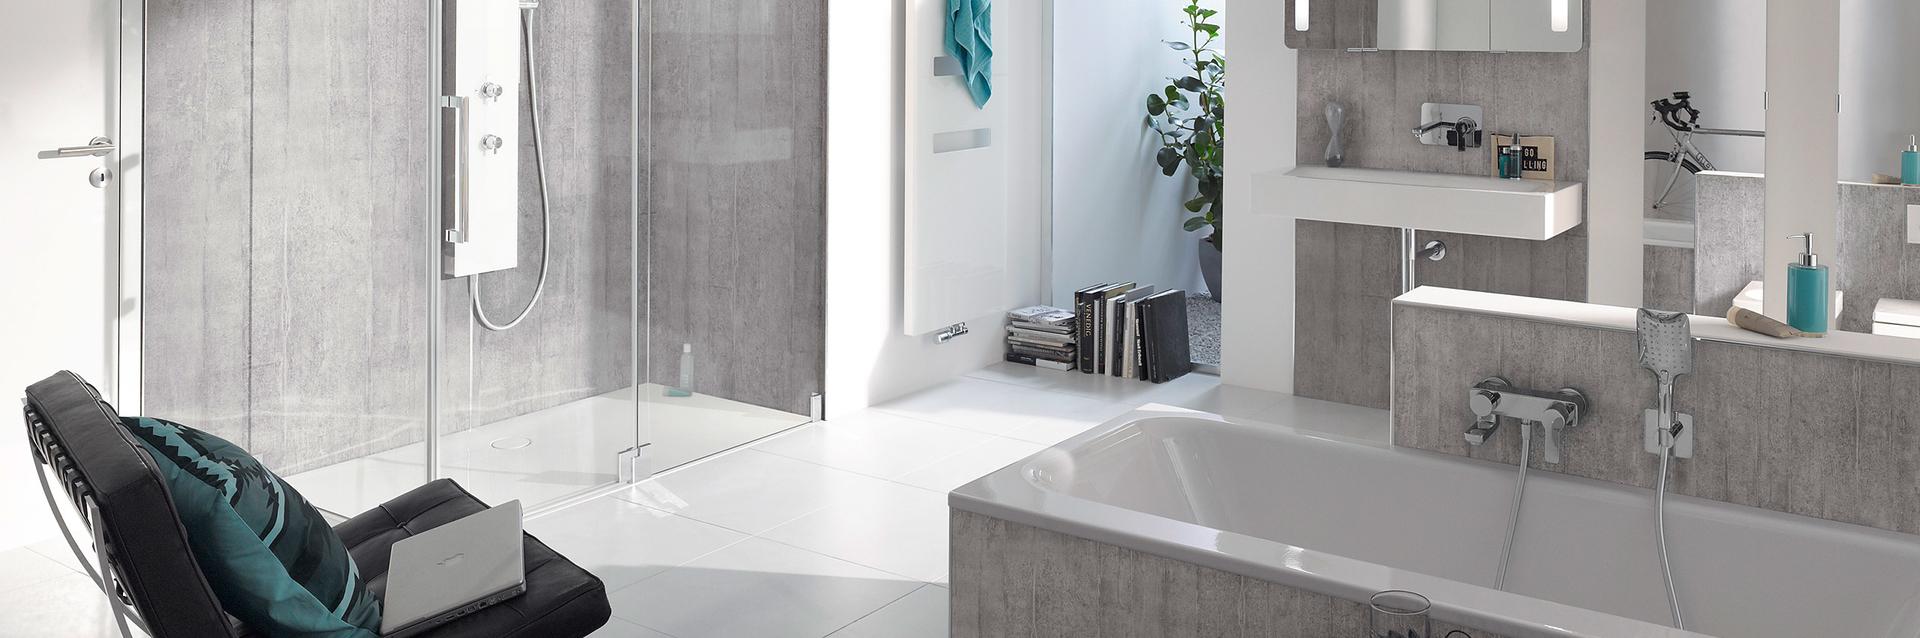 Douchecabine - ruime douche met glazen wand en draaideur